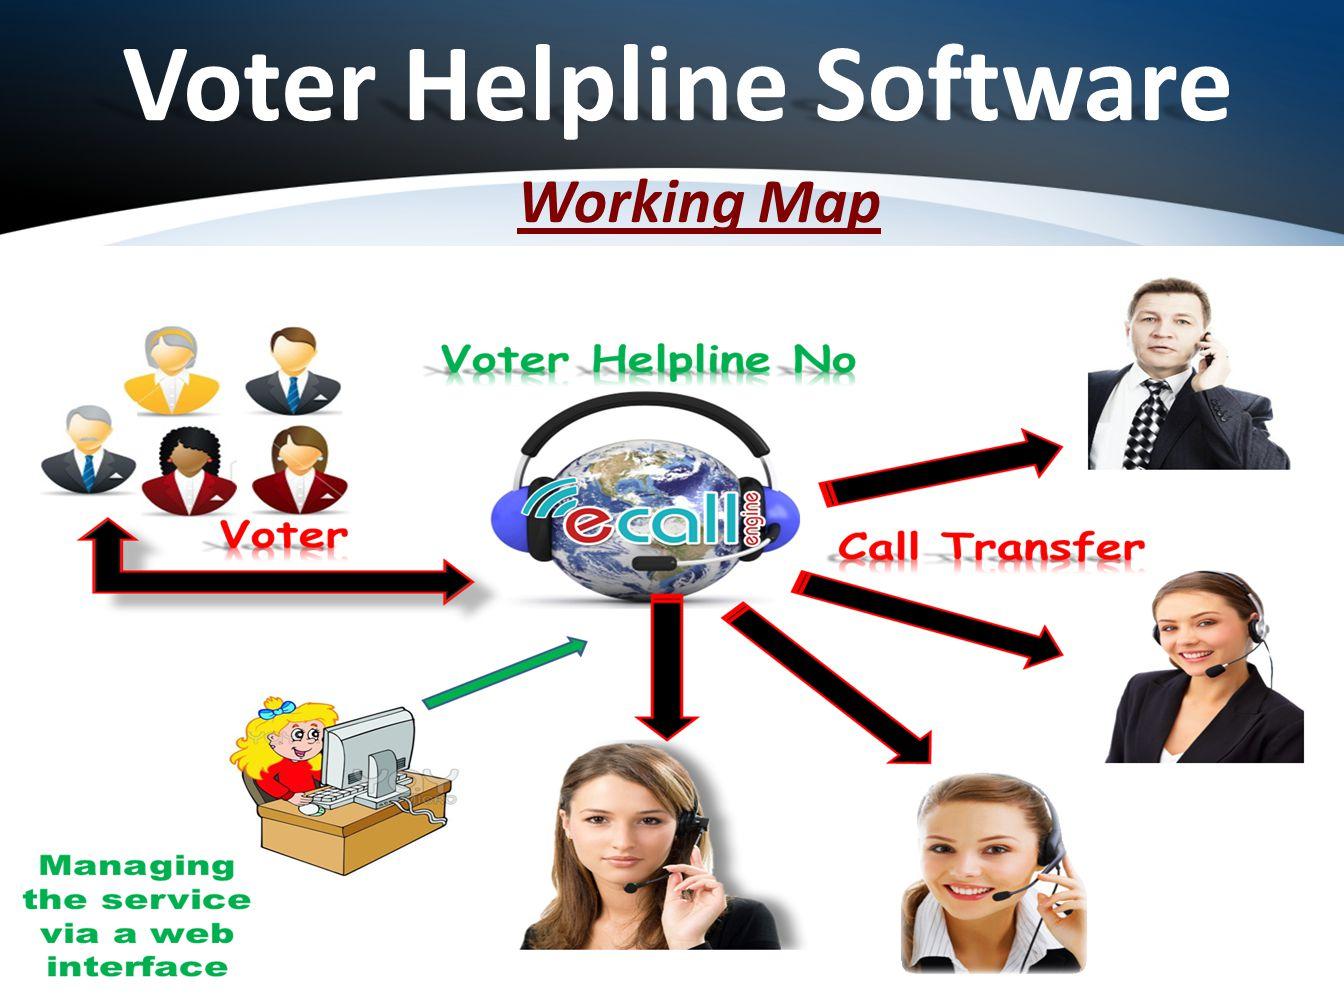 Voter Helpline Software Working Map